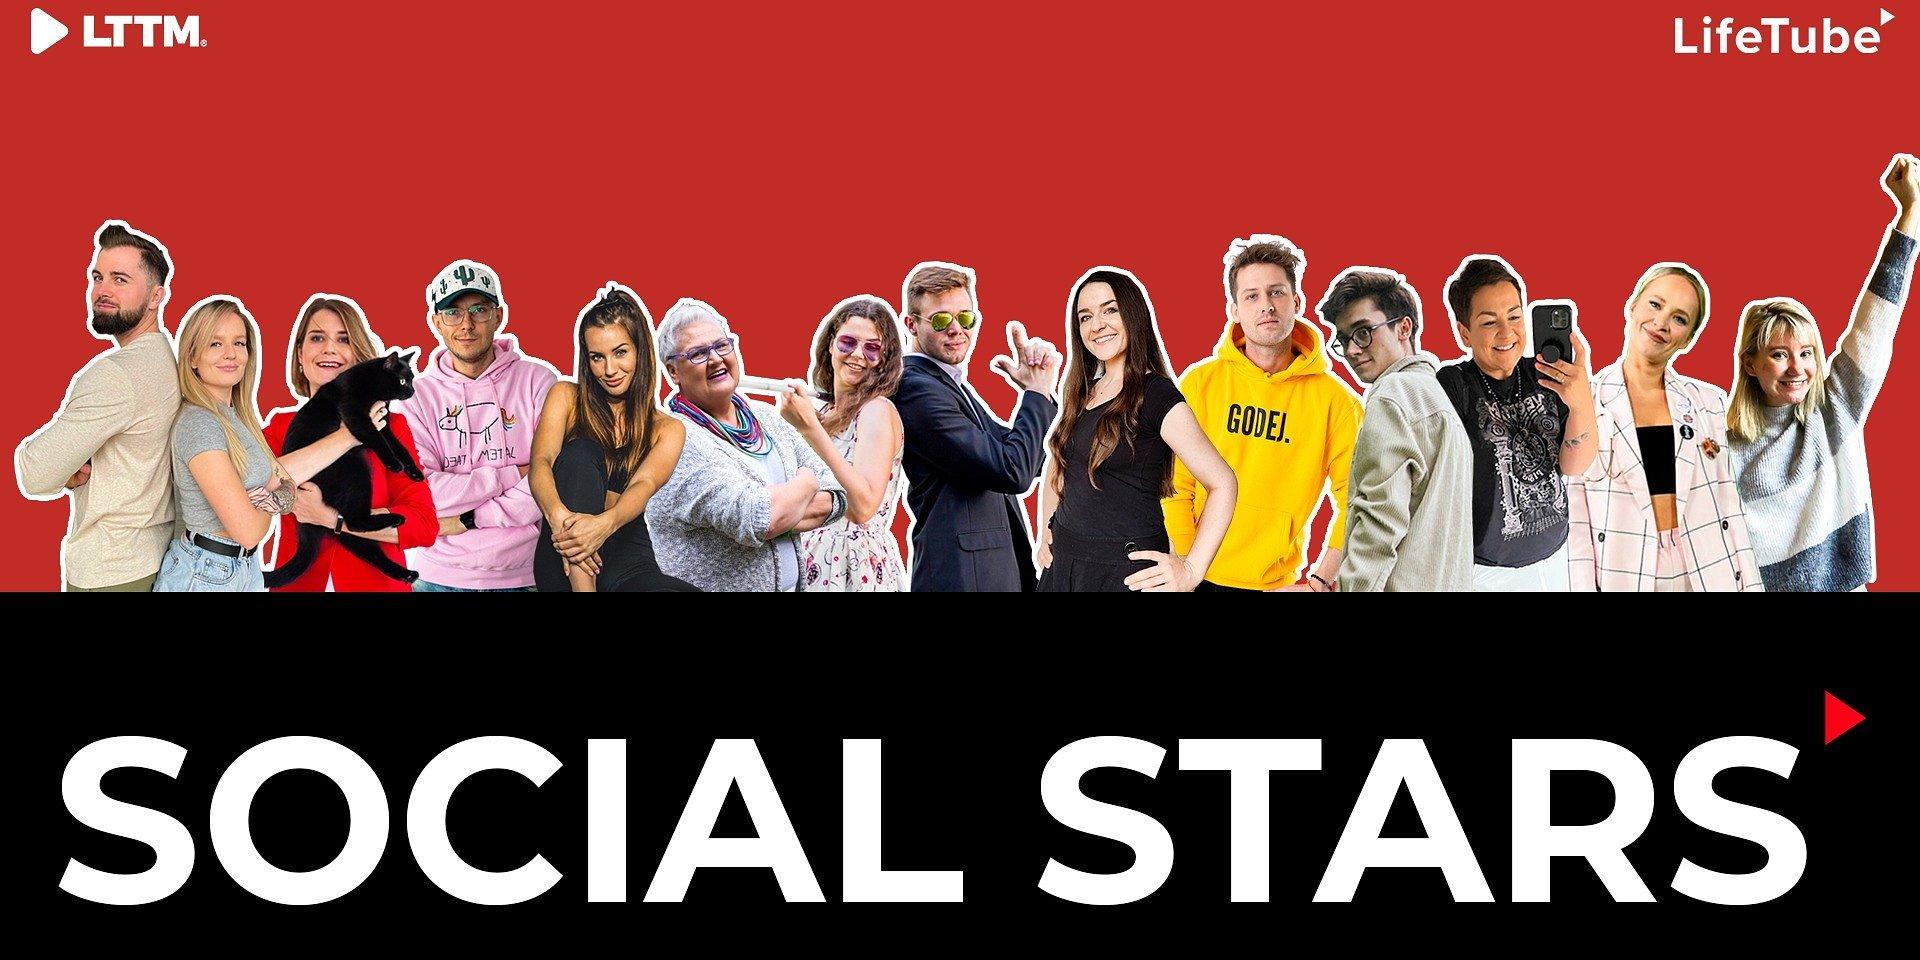 """LIFETUBE PRZENOSI GWIAZDY SOCIAL MEDIA NA YOUTUBE'A - rusza kolejnych 6 kanałów w ramach programu """"Social Stars"""""""